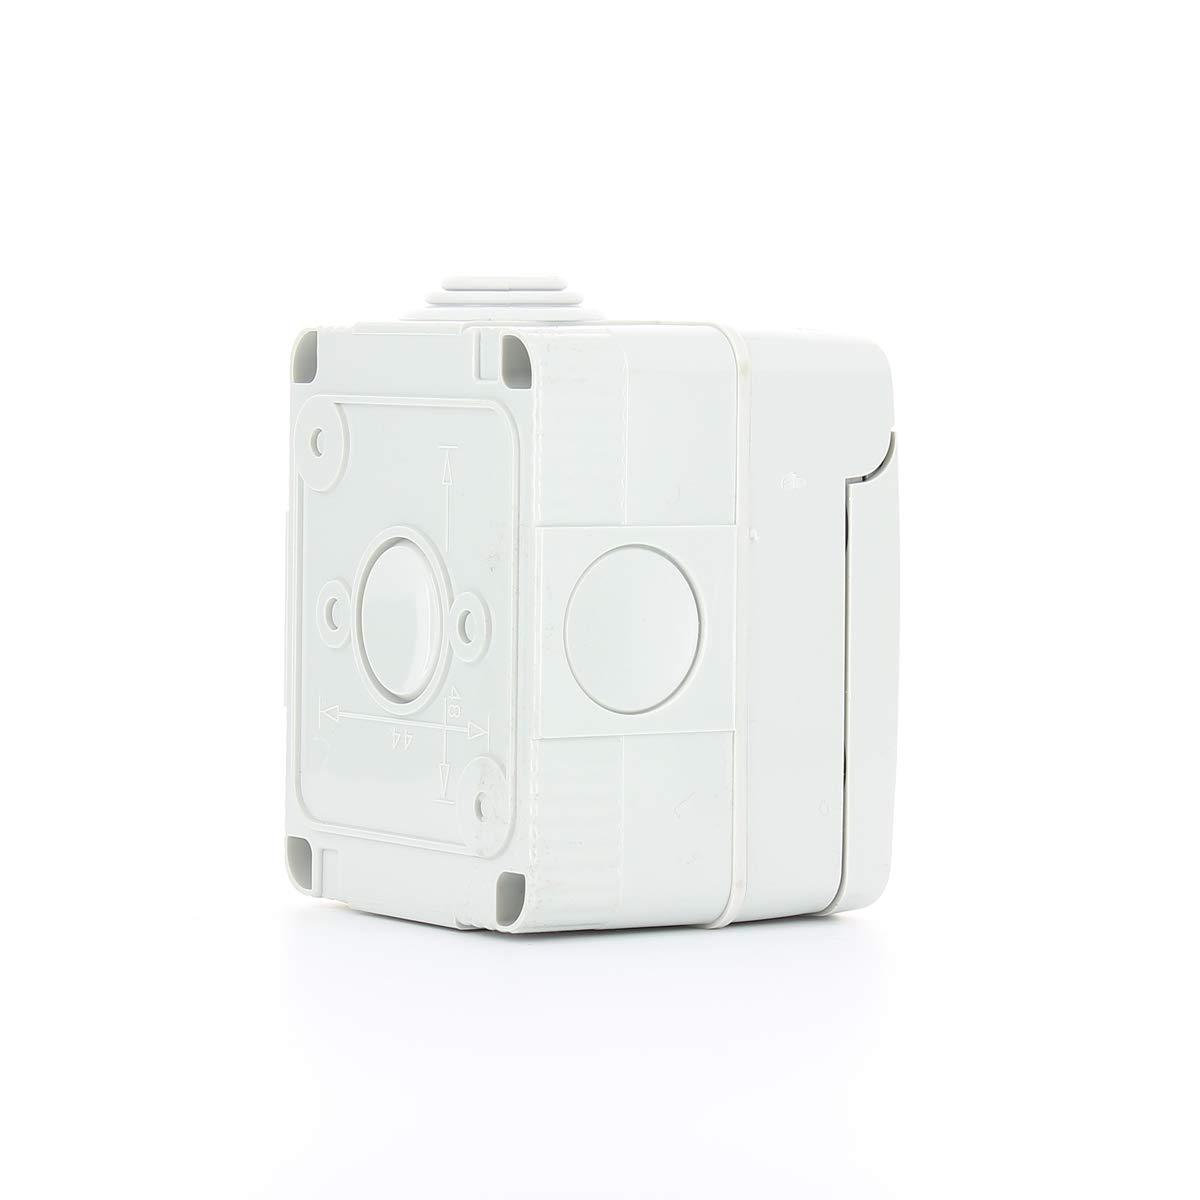 330 mm, 55 mm, 82 mm Caja para cuadro el/éctrico Gewiss GW27007 IP40 caja el/éctrica